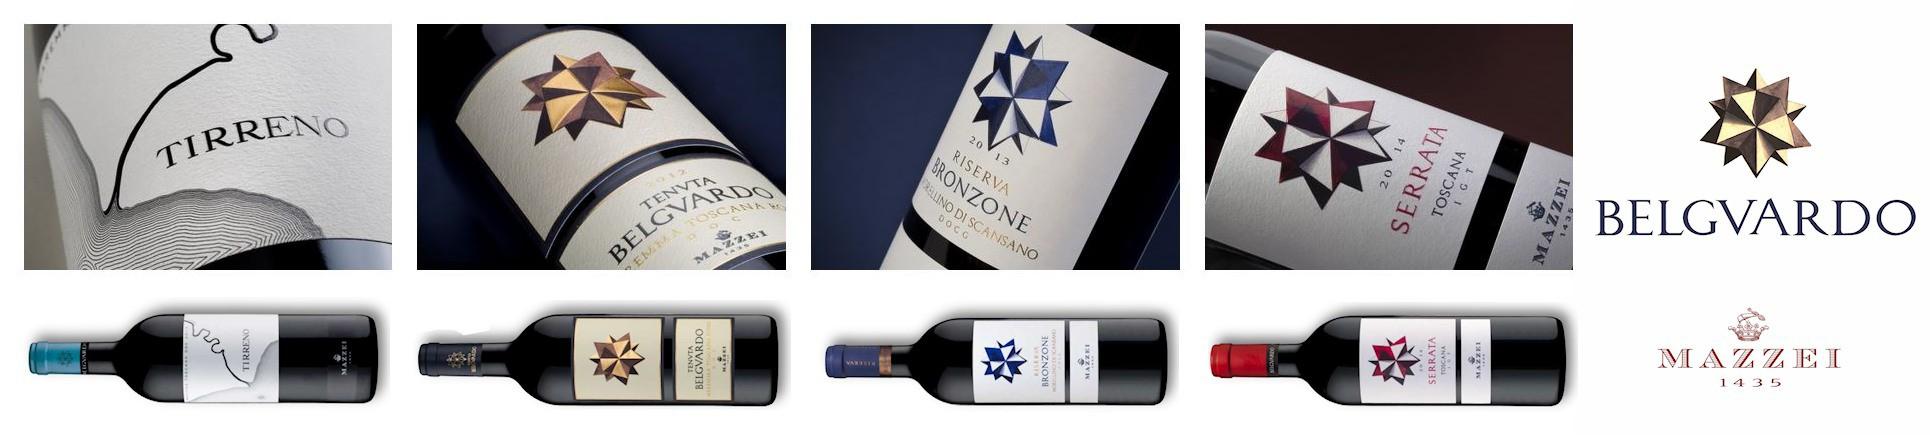 Vini Maremma - il Morellino di Scansano - BELGUARDO Mazzei vendita online